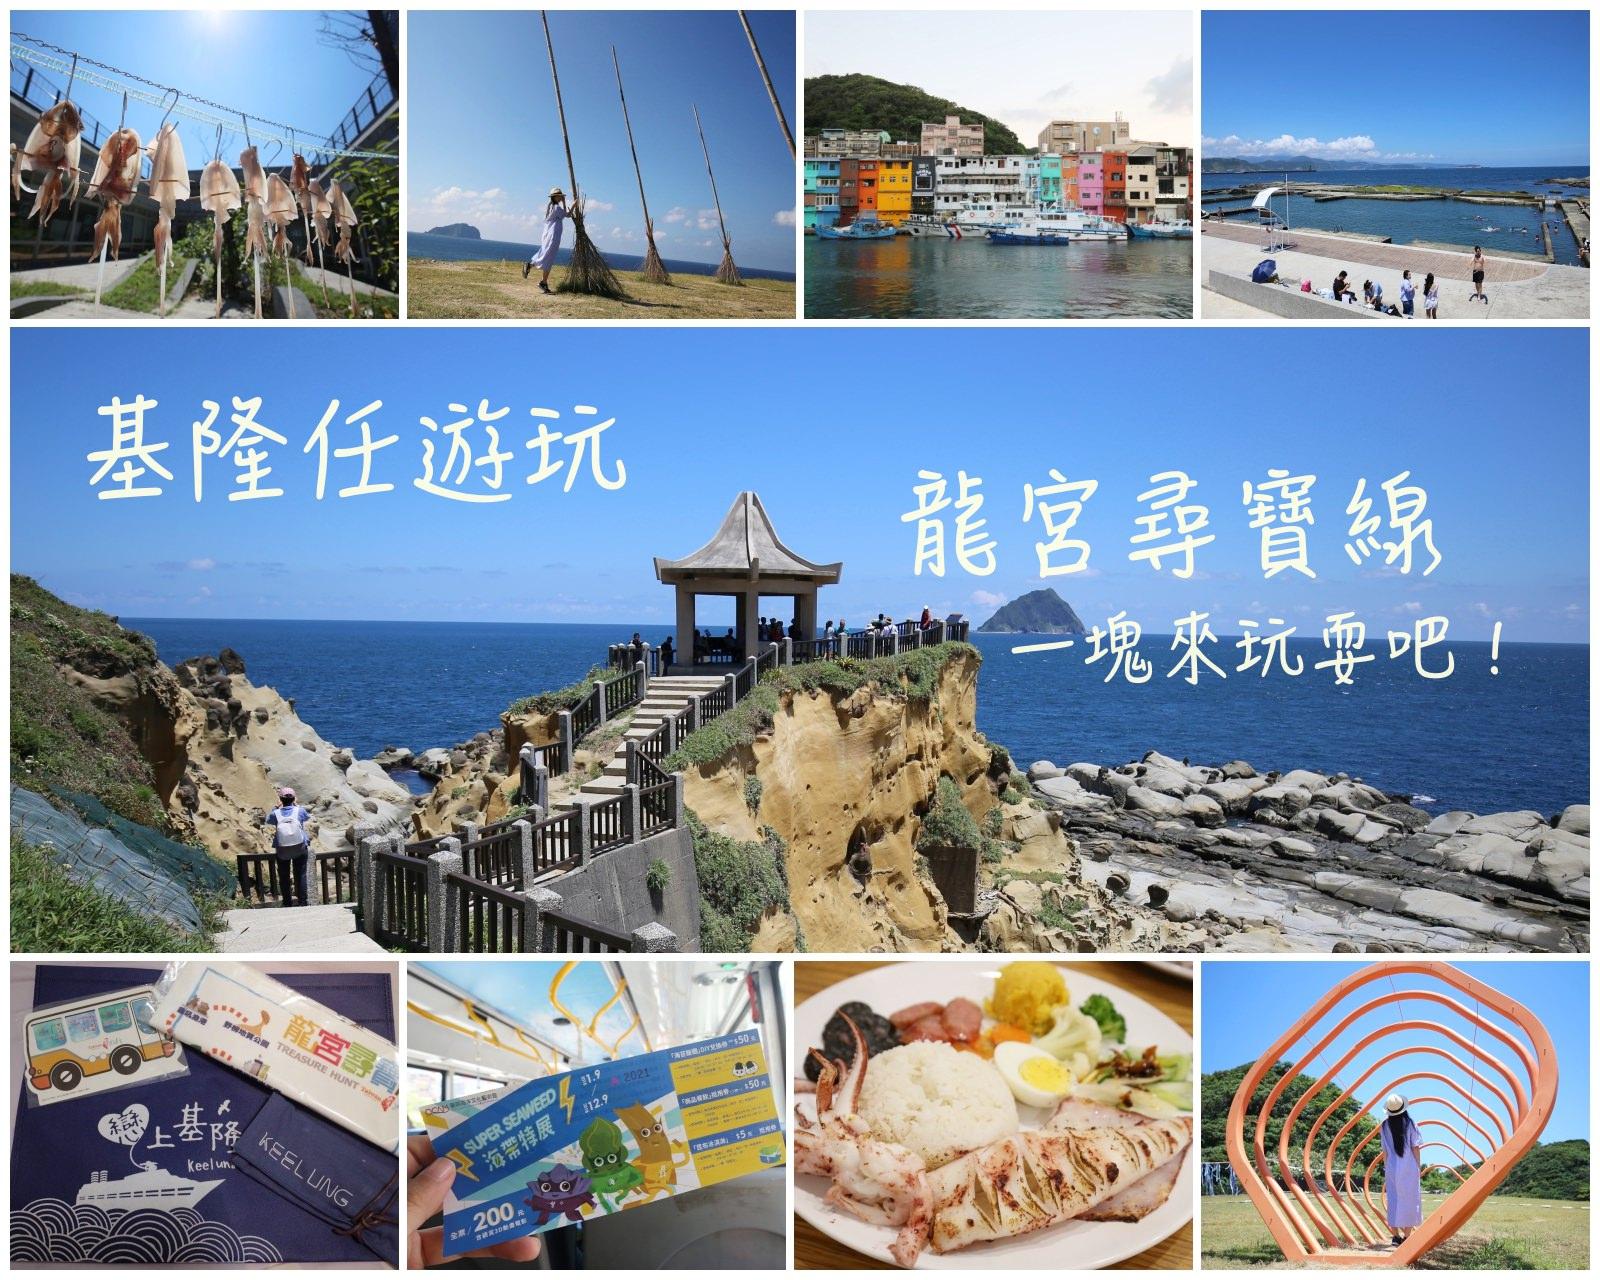 基隆一日遊推薦|台灣好行龍宮尋寶(東岸)線,基隆吃喝玩樂一把罩